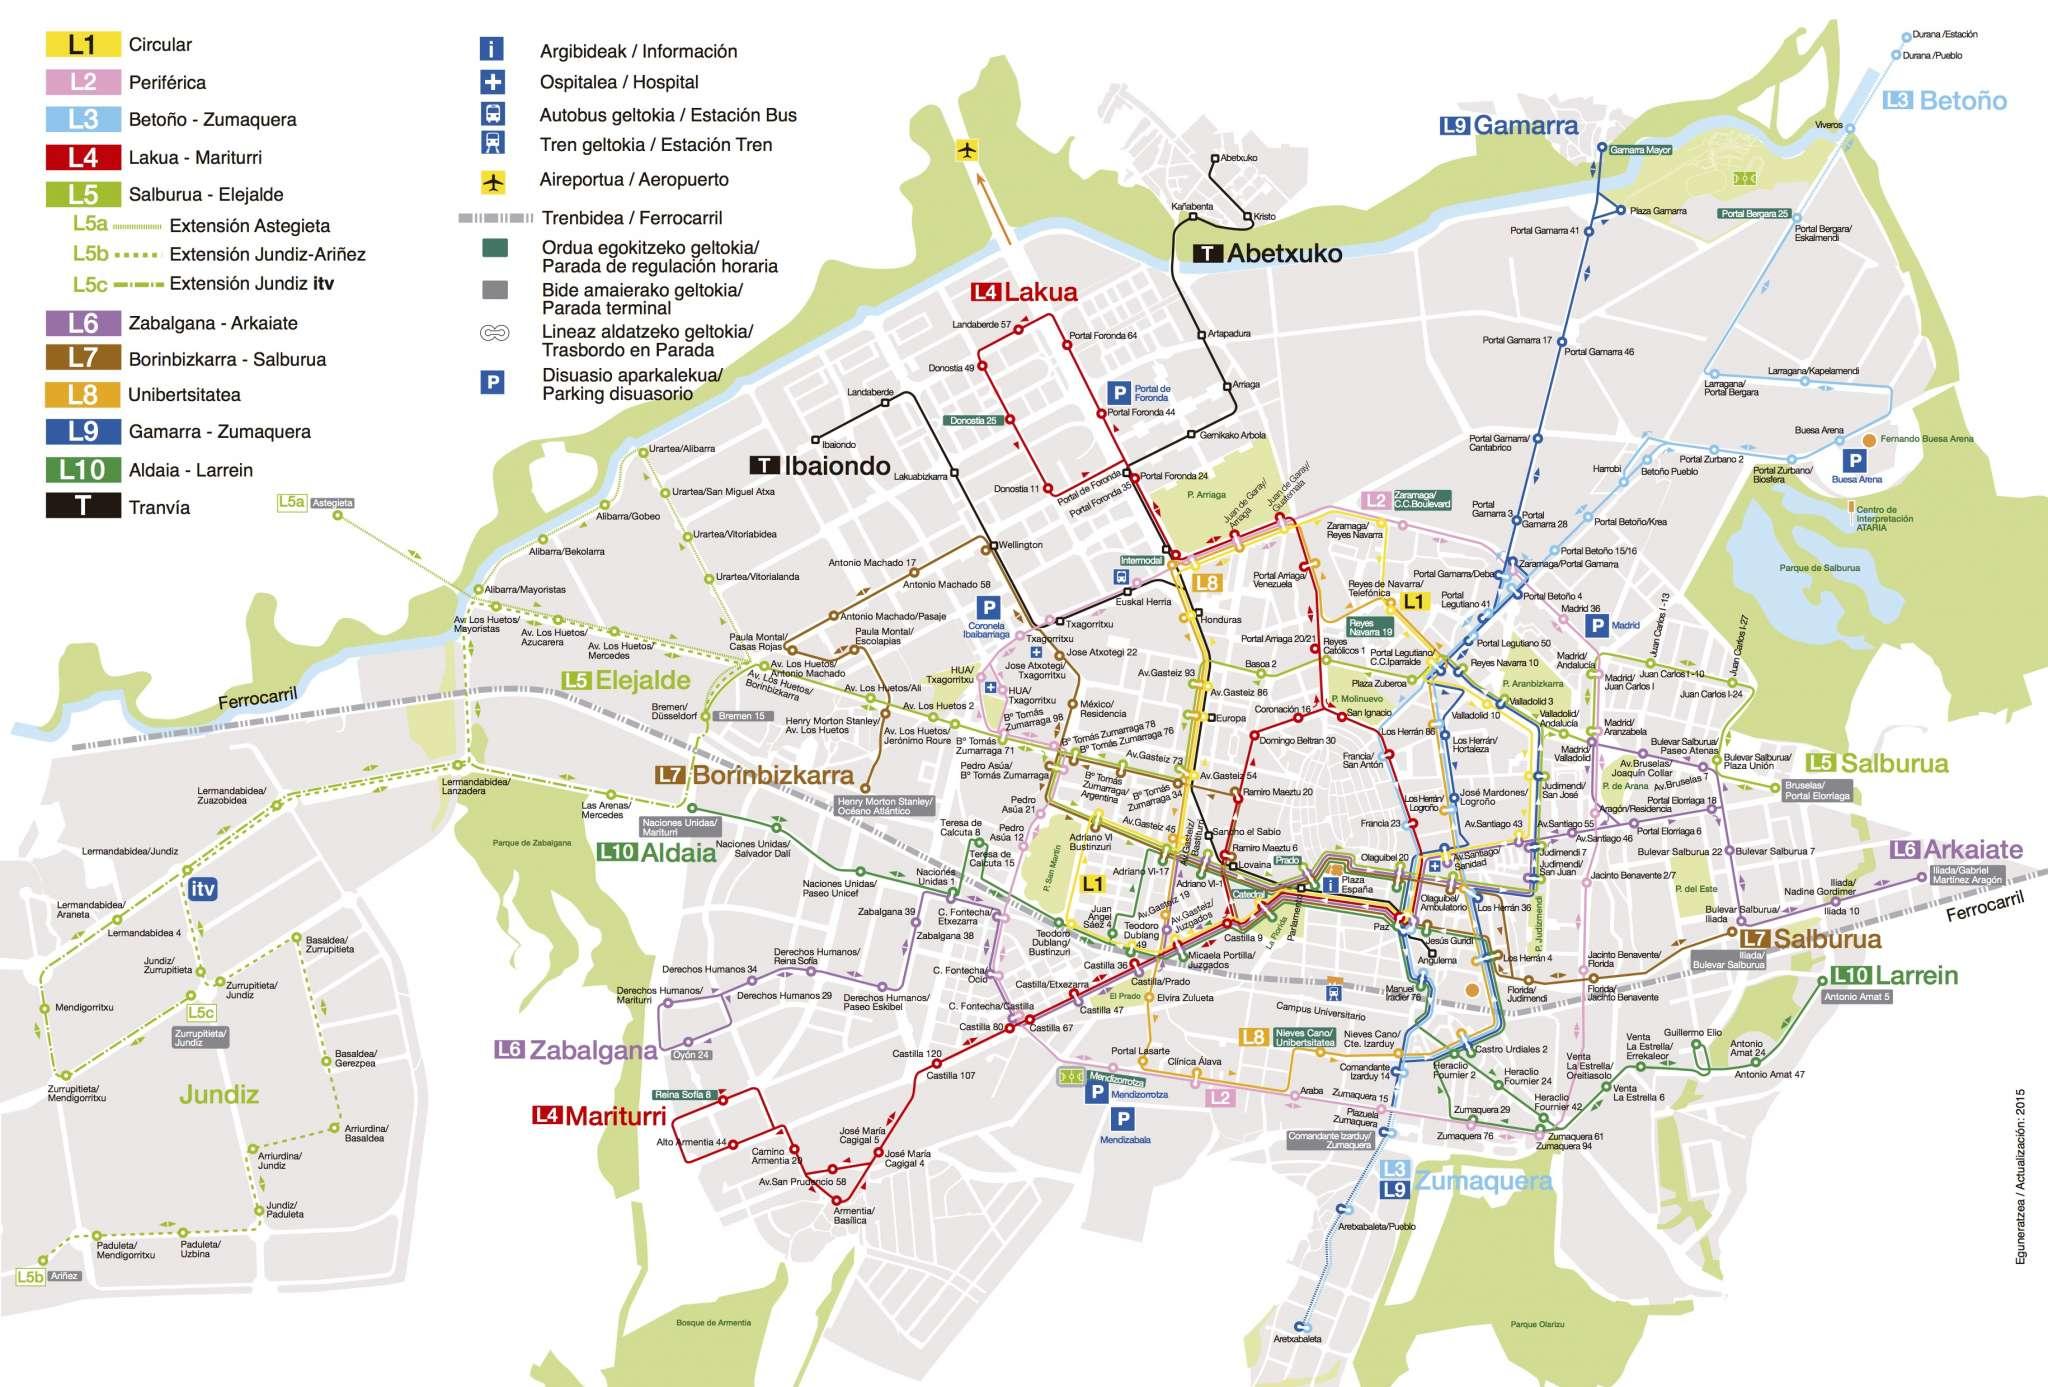 Plano de servicio de acceso en bus a los locales de ensayo